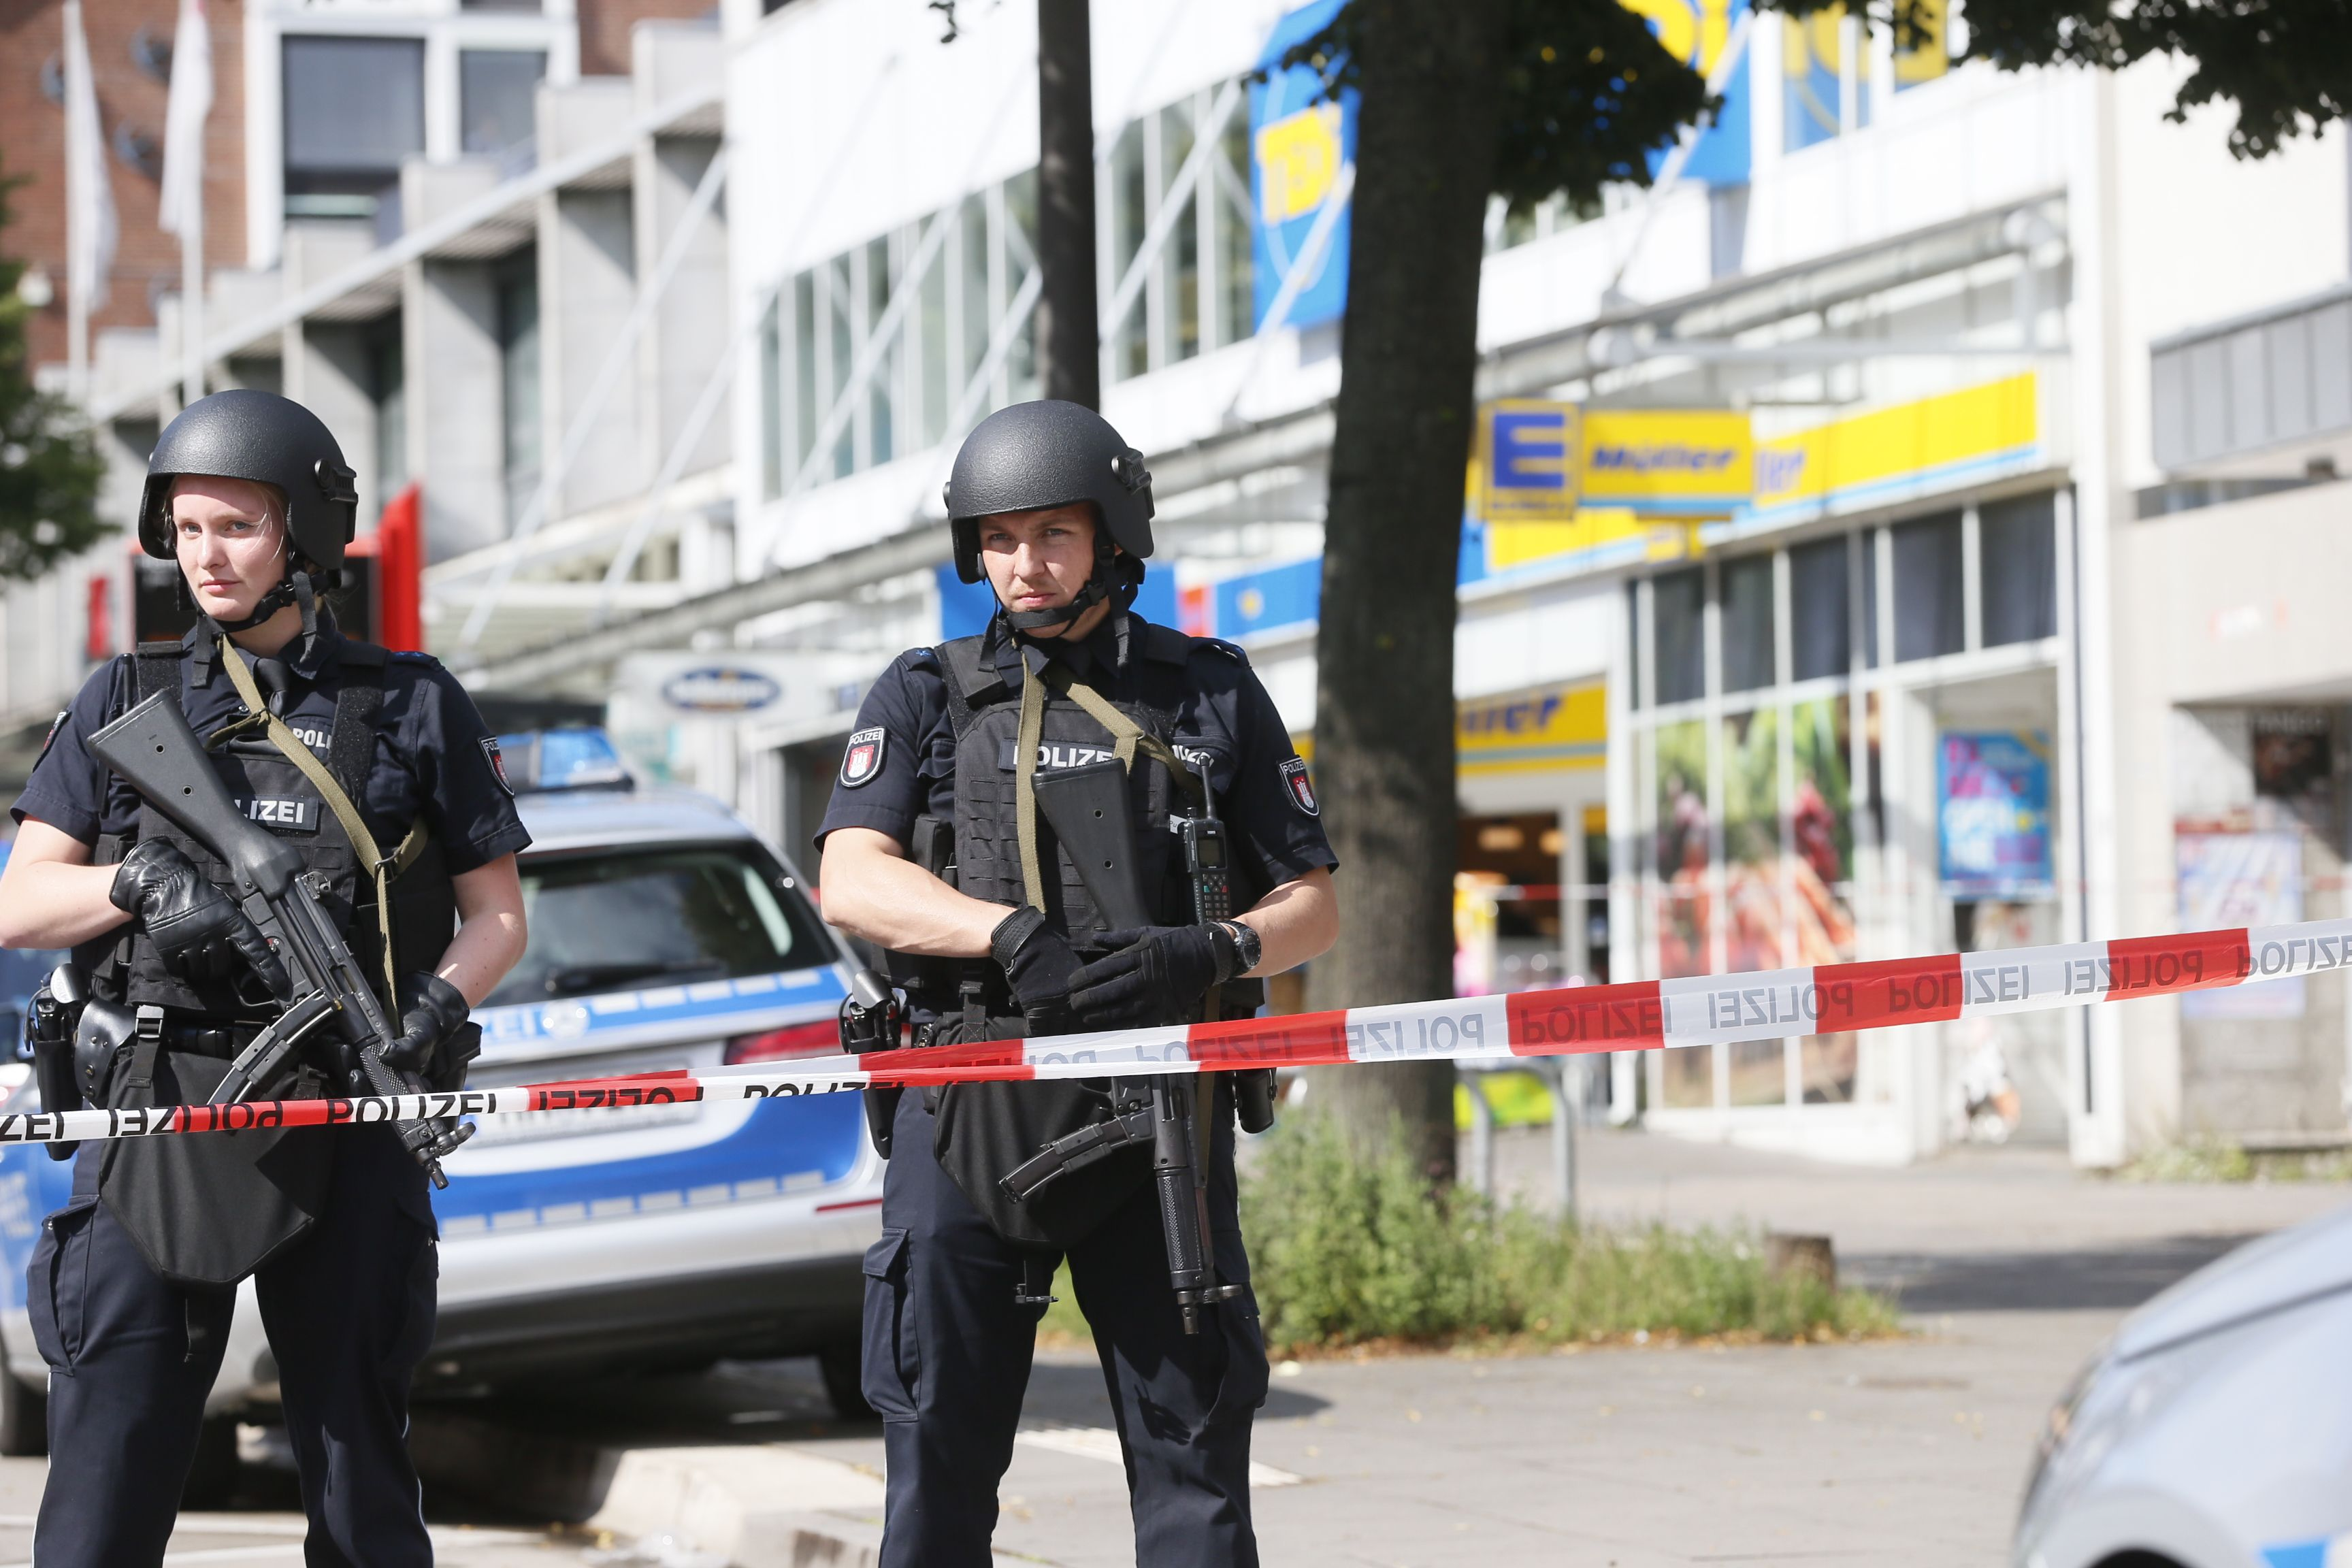 Atacante com faca mata uma pessoa em Hamburgo, motivo desconhecido